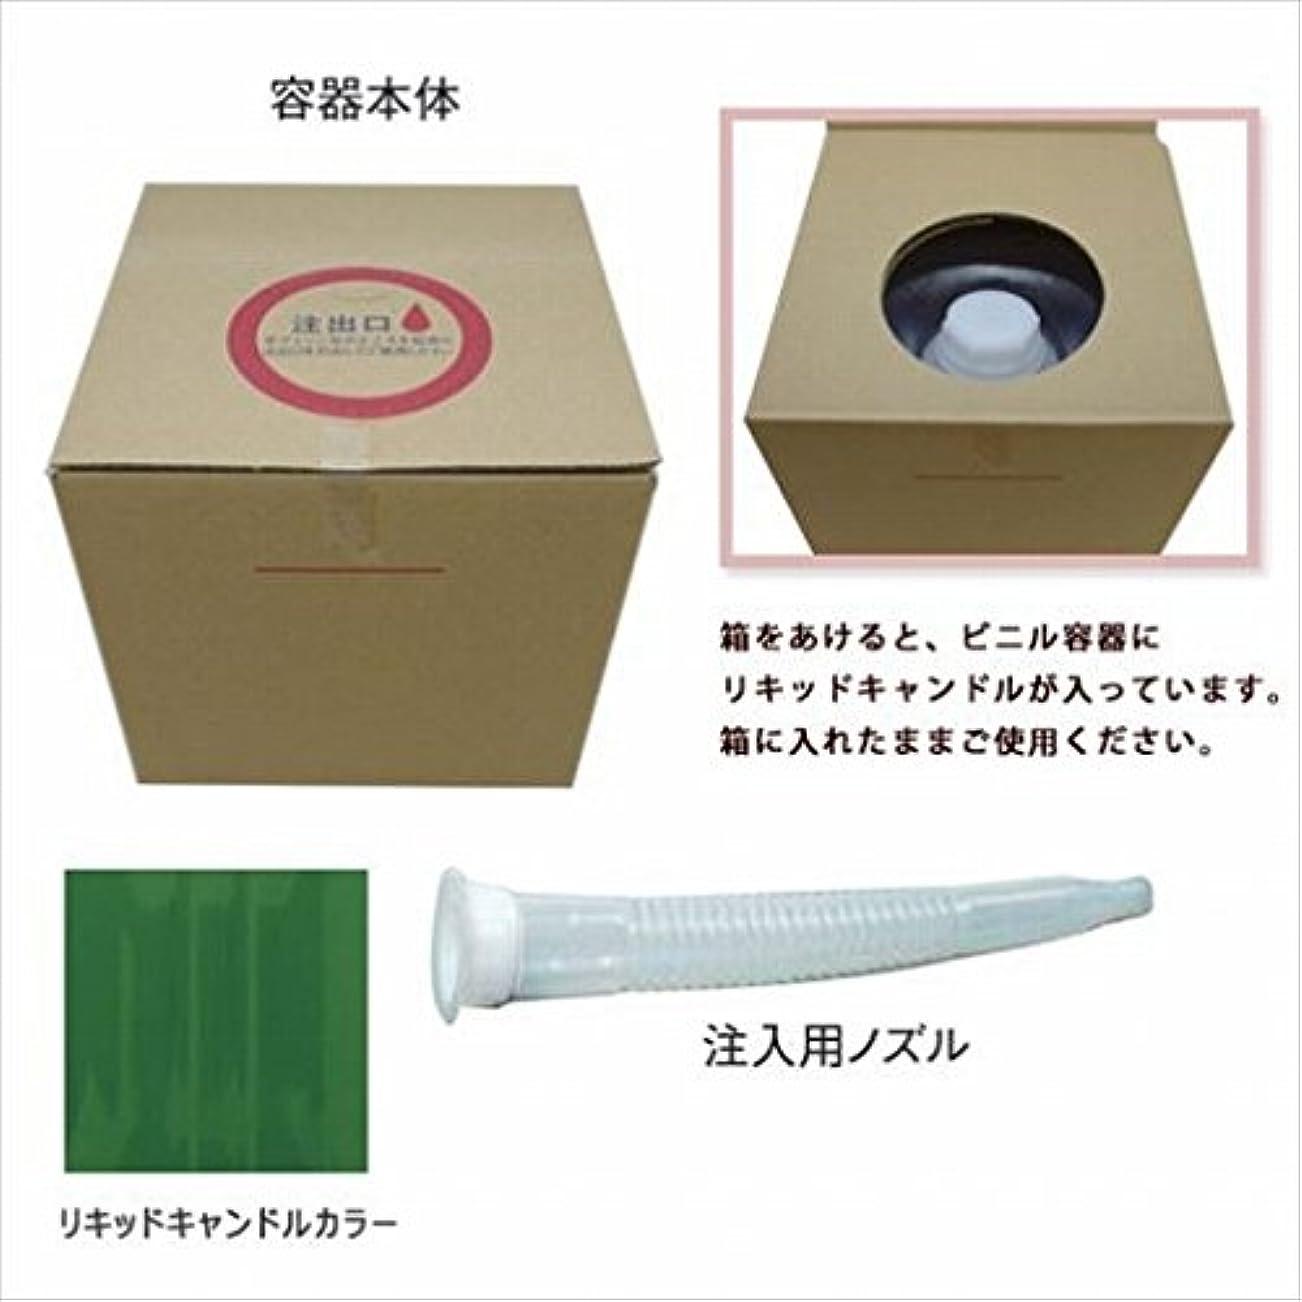 湖長さヘクタールカメヤマキャンドル(kameyama candle) リキッドキャンドル5リットル 「 グリーン 」